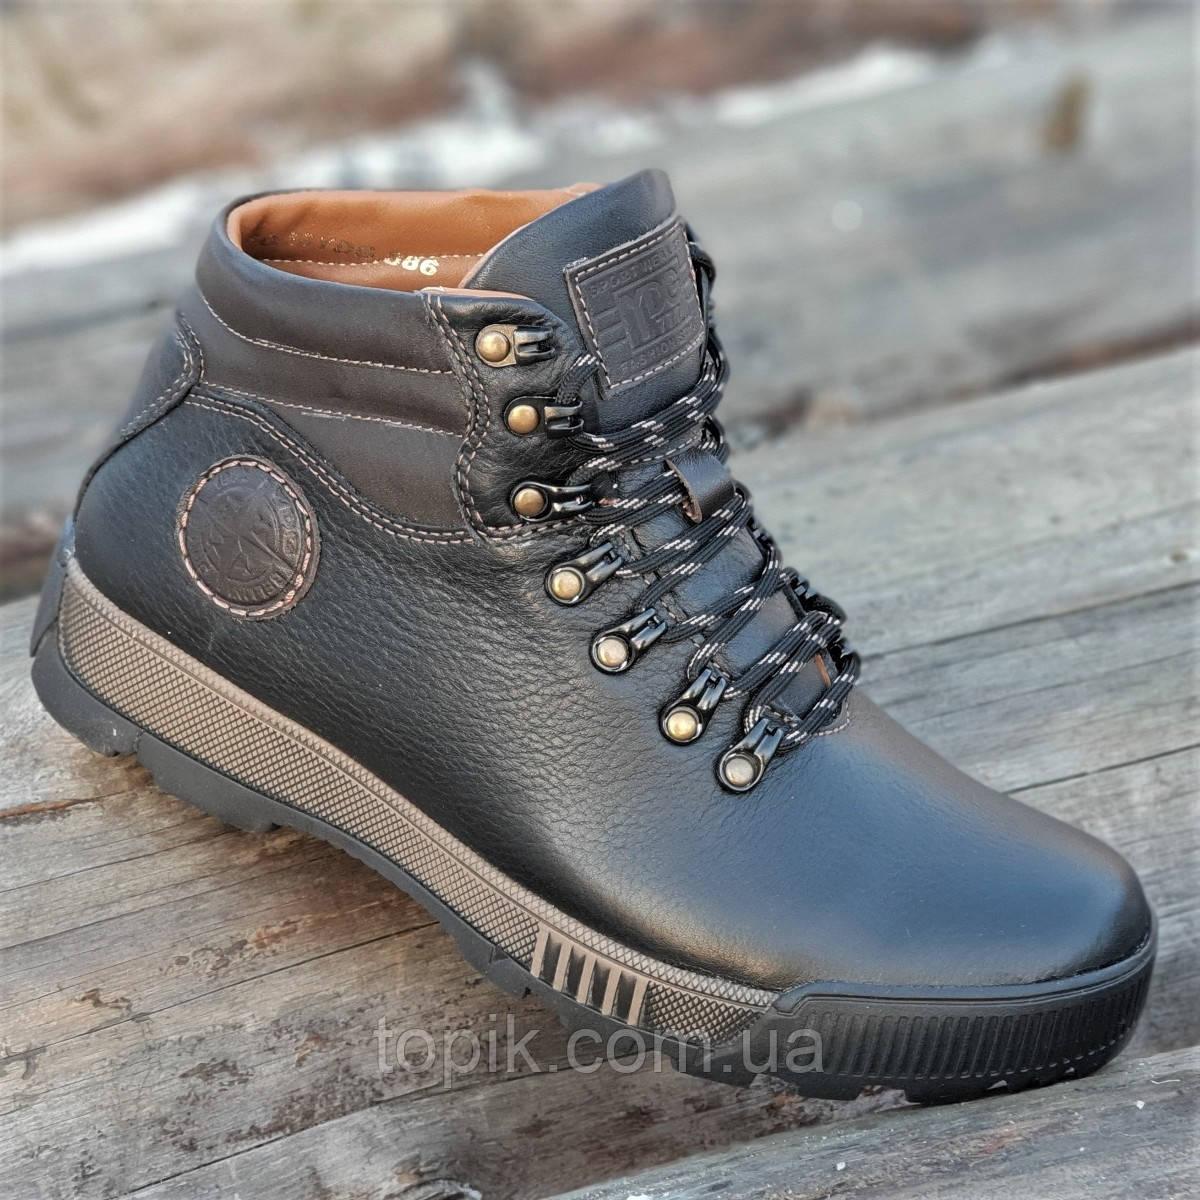 Стильные зимние мужские спортивные ботинки кожаные черные на меху толстая зимняя подошва (Код: 1323)